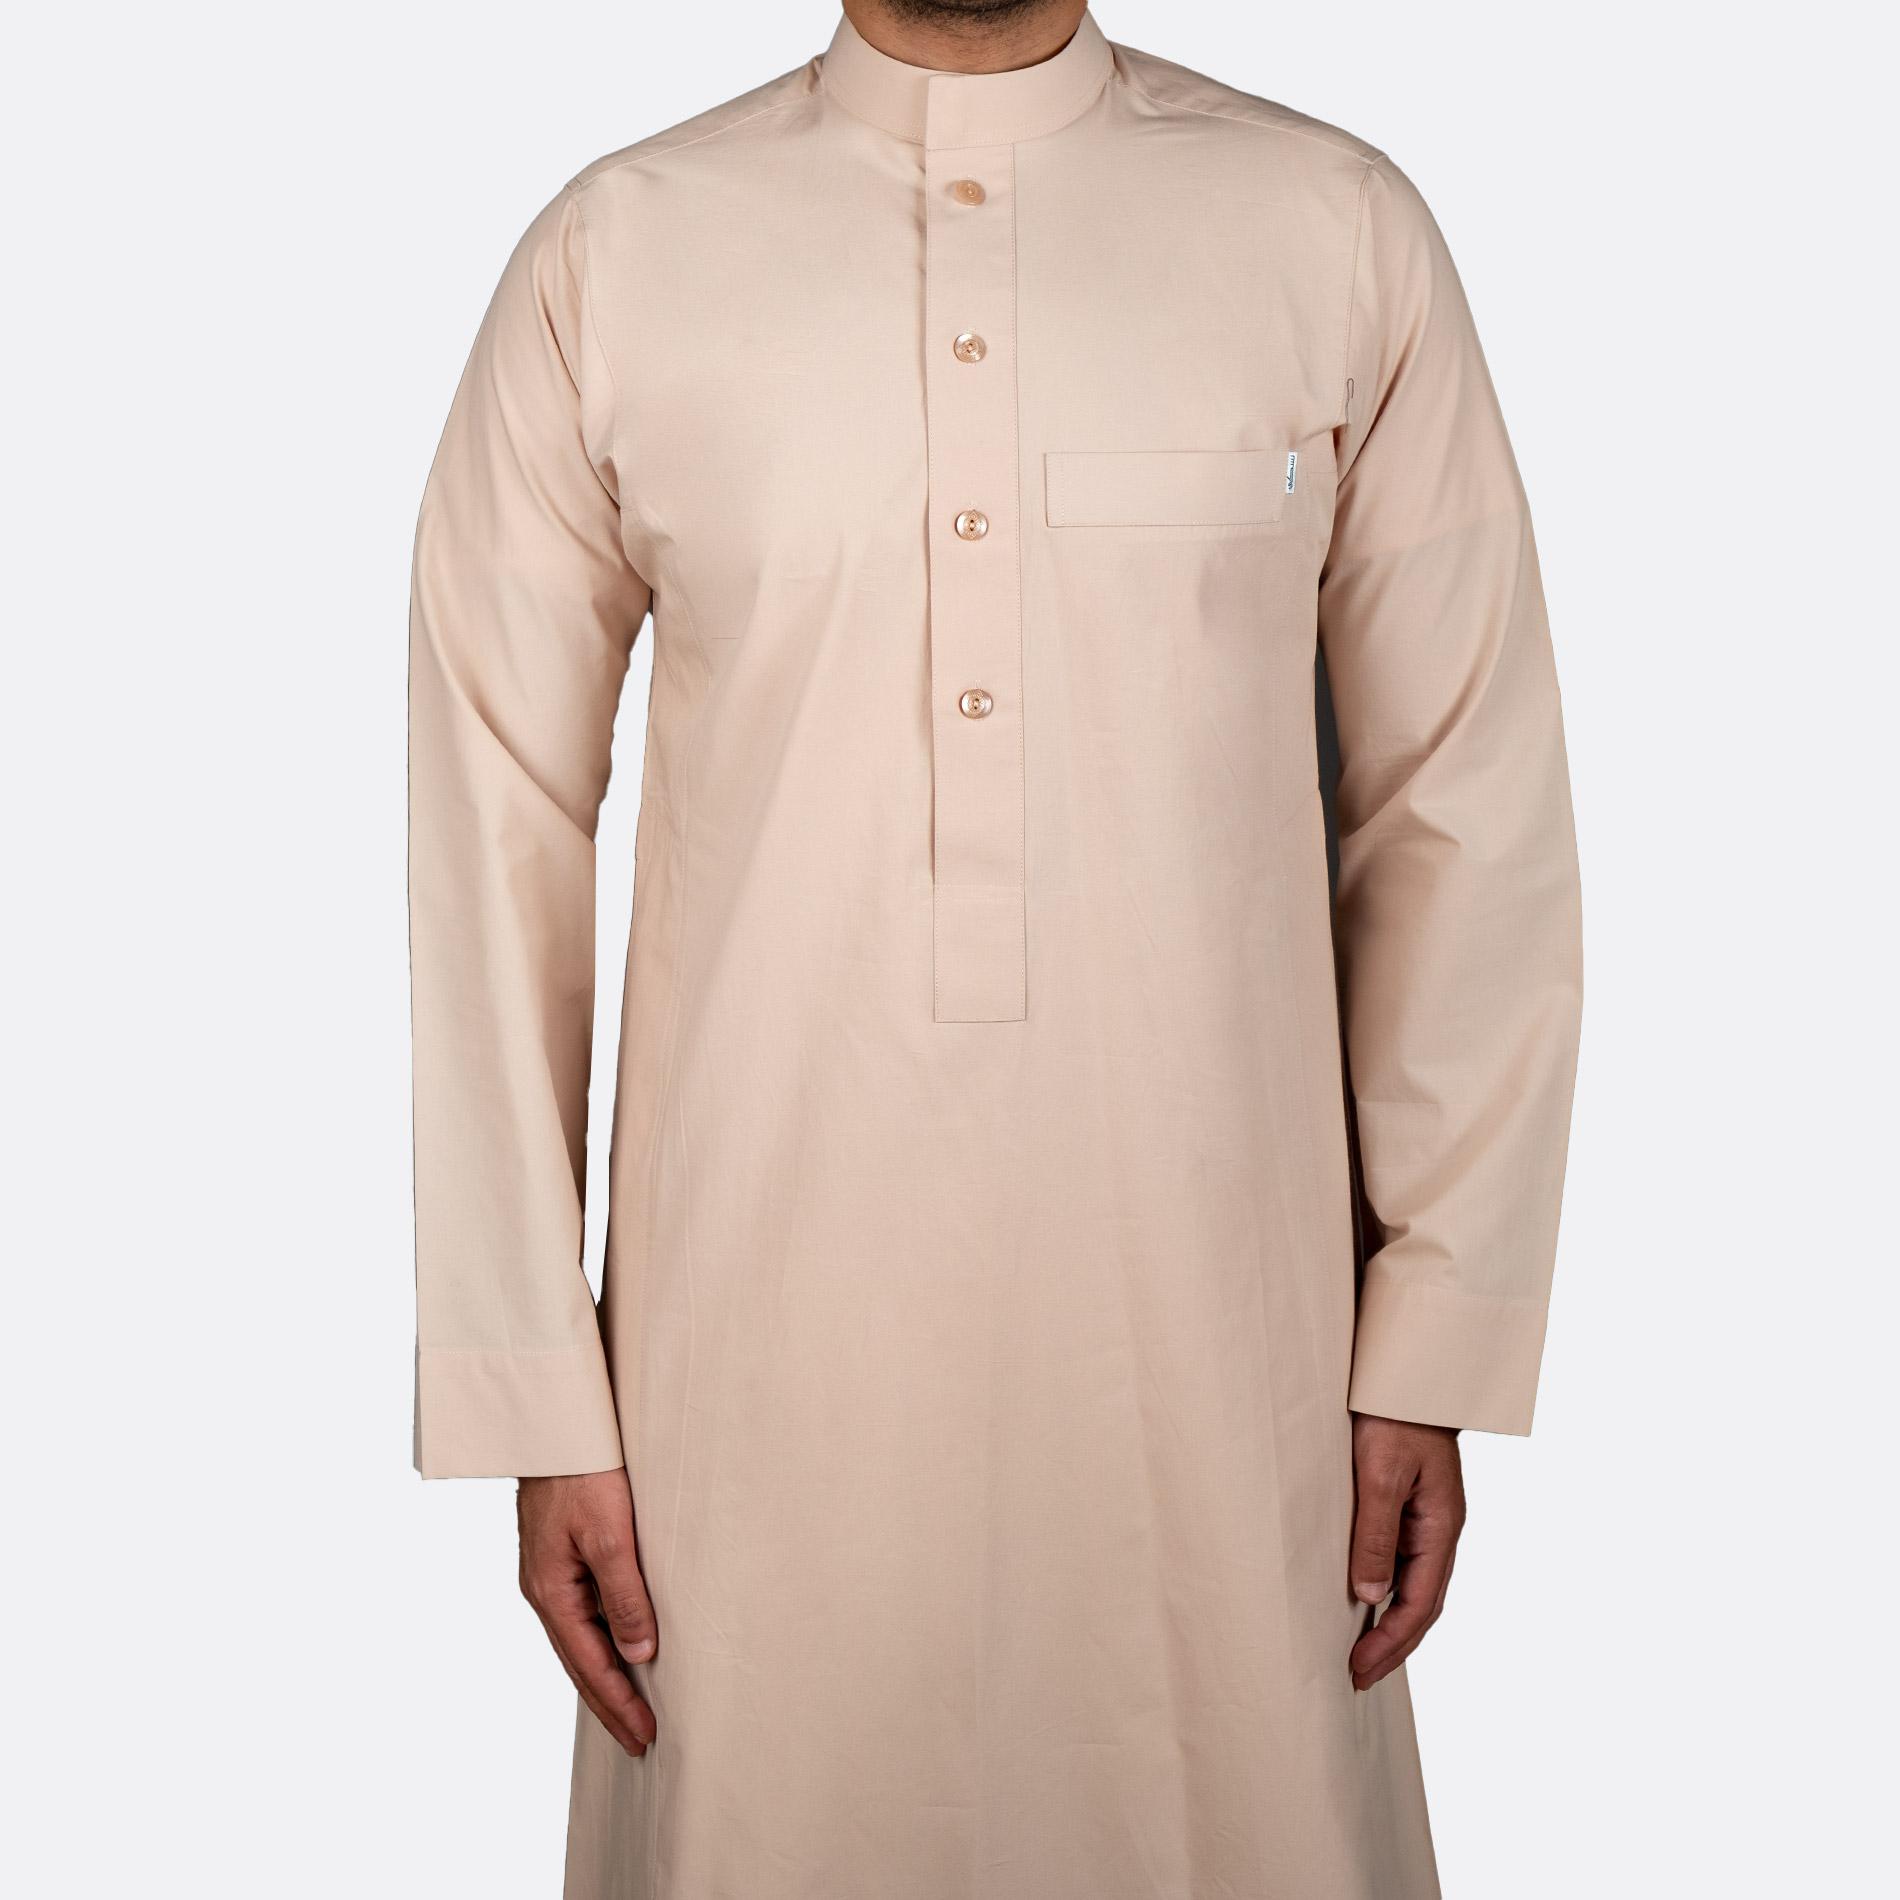 ثوب كلاسيكي قطن بيج